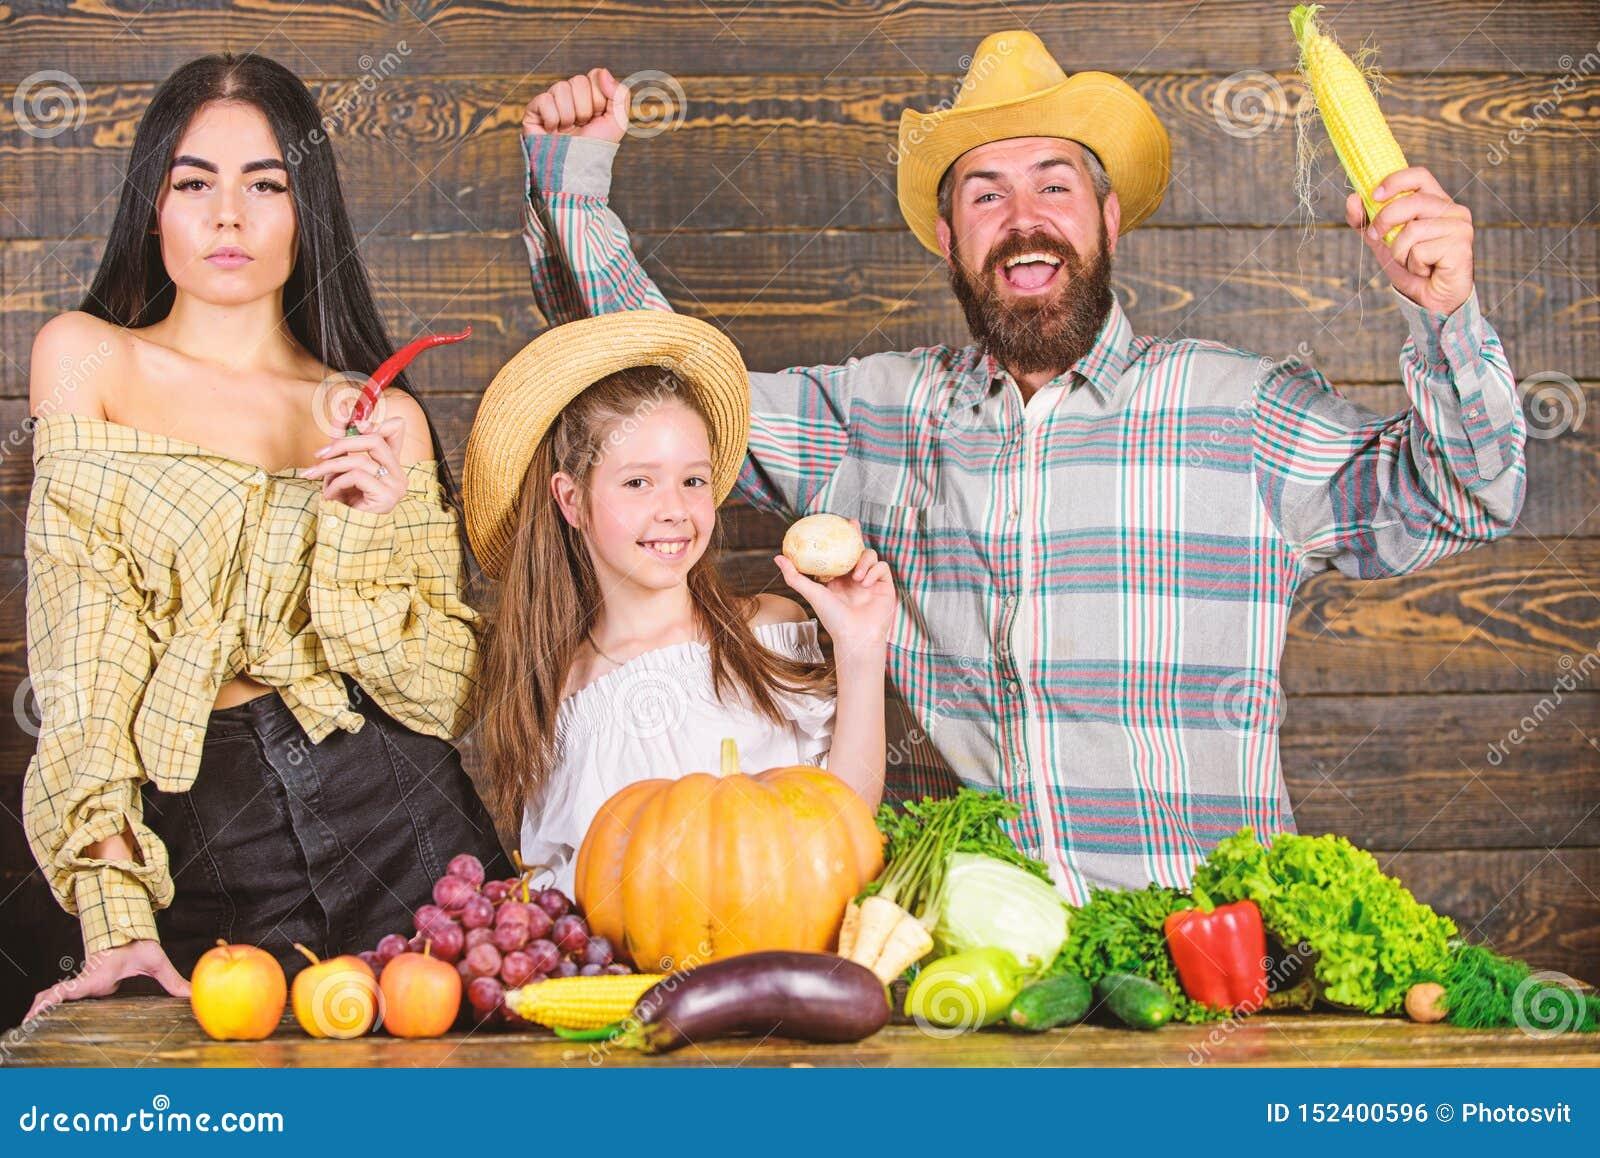 Образ жизни семьи сельской местности Рынок фермы с концепцией фестиваля фермы семьи сбора падения Фермер человека бородатый дерев